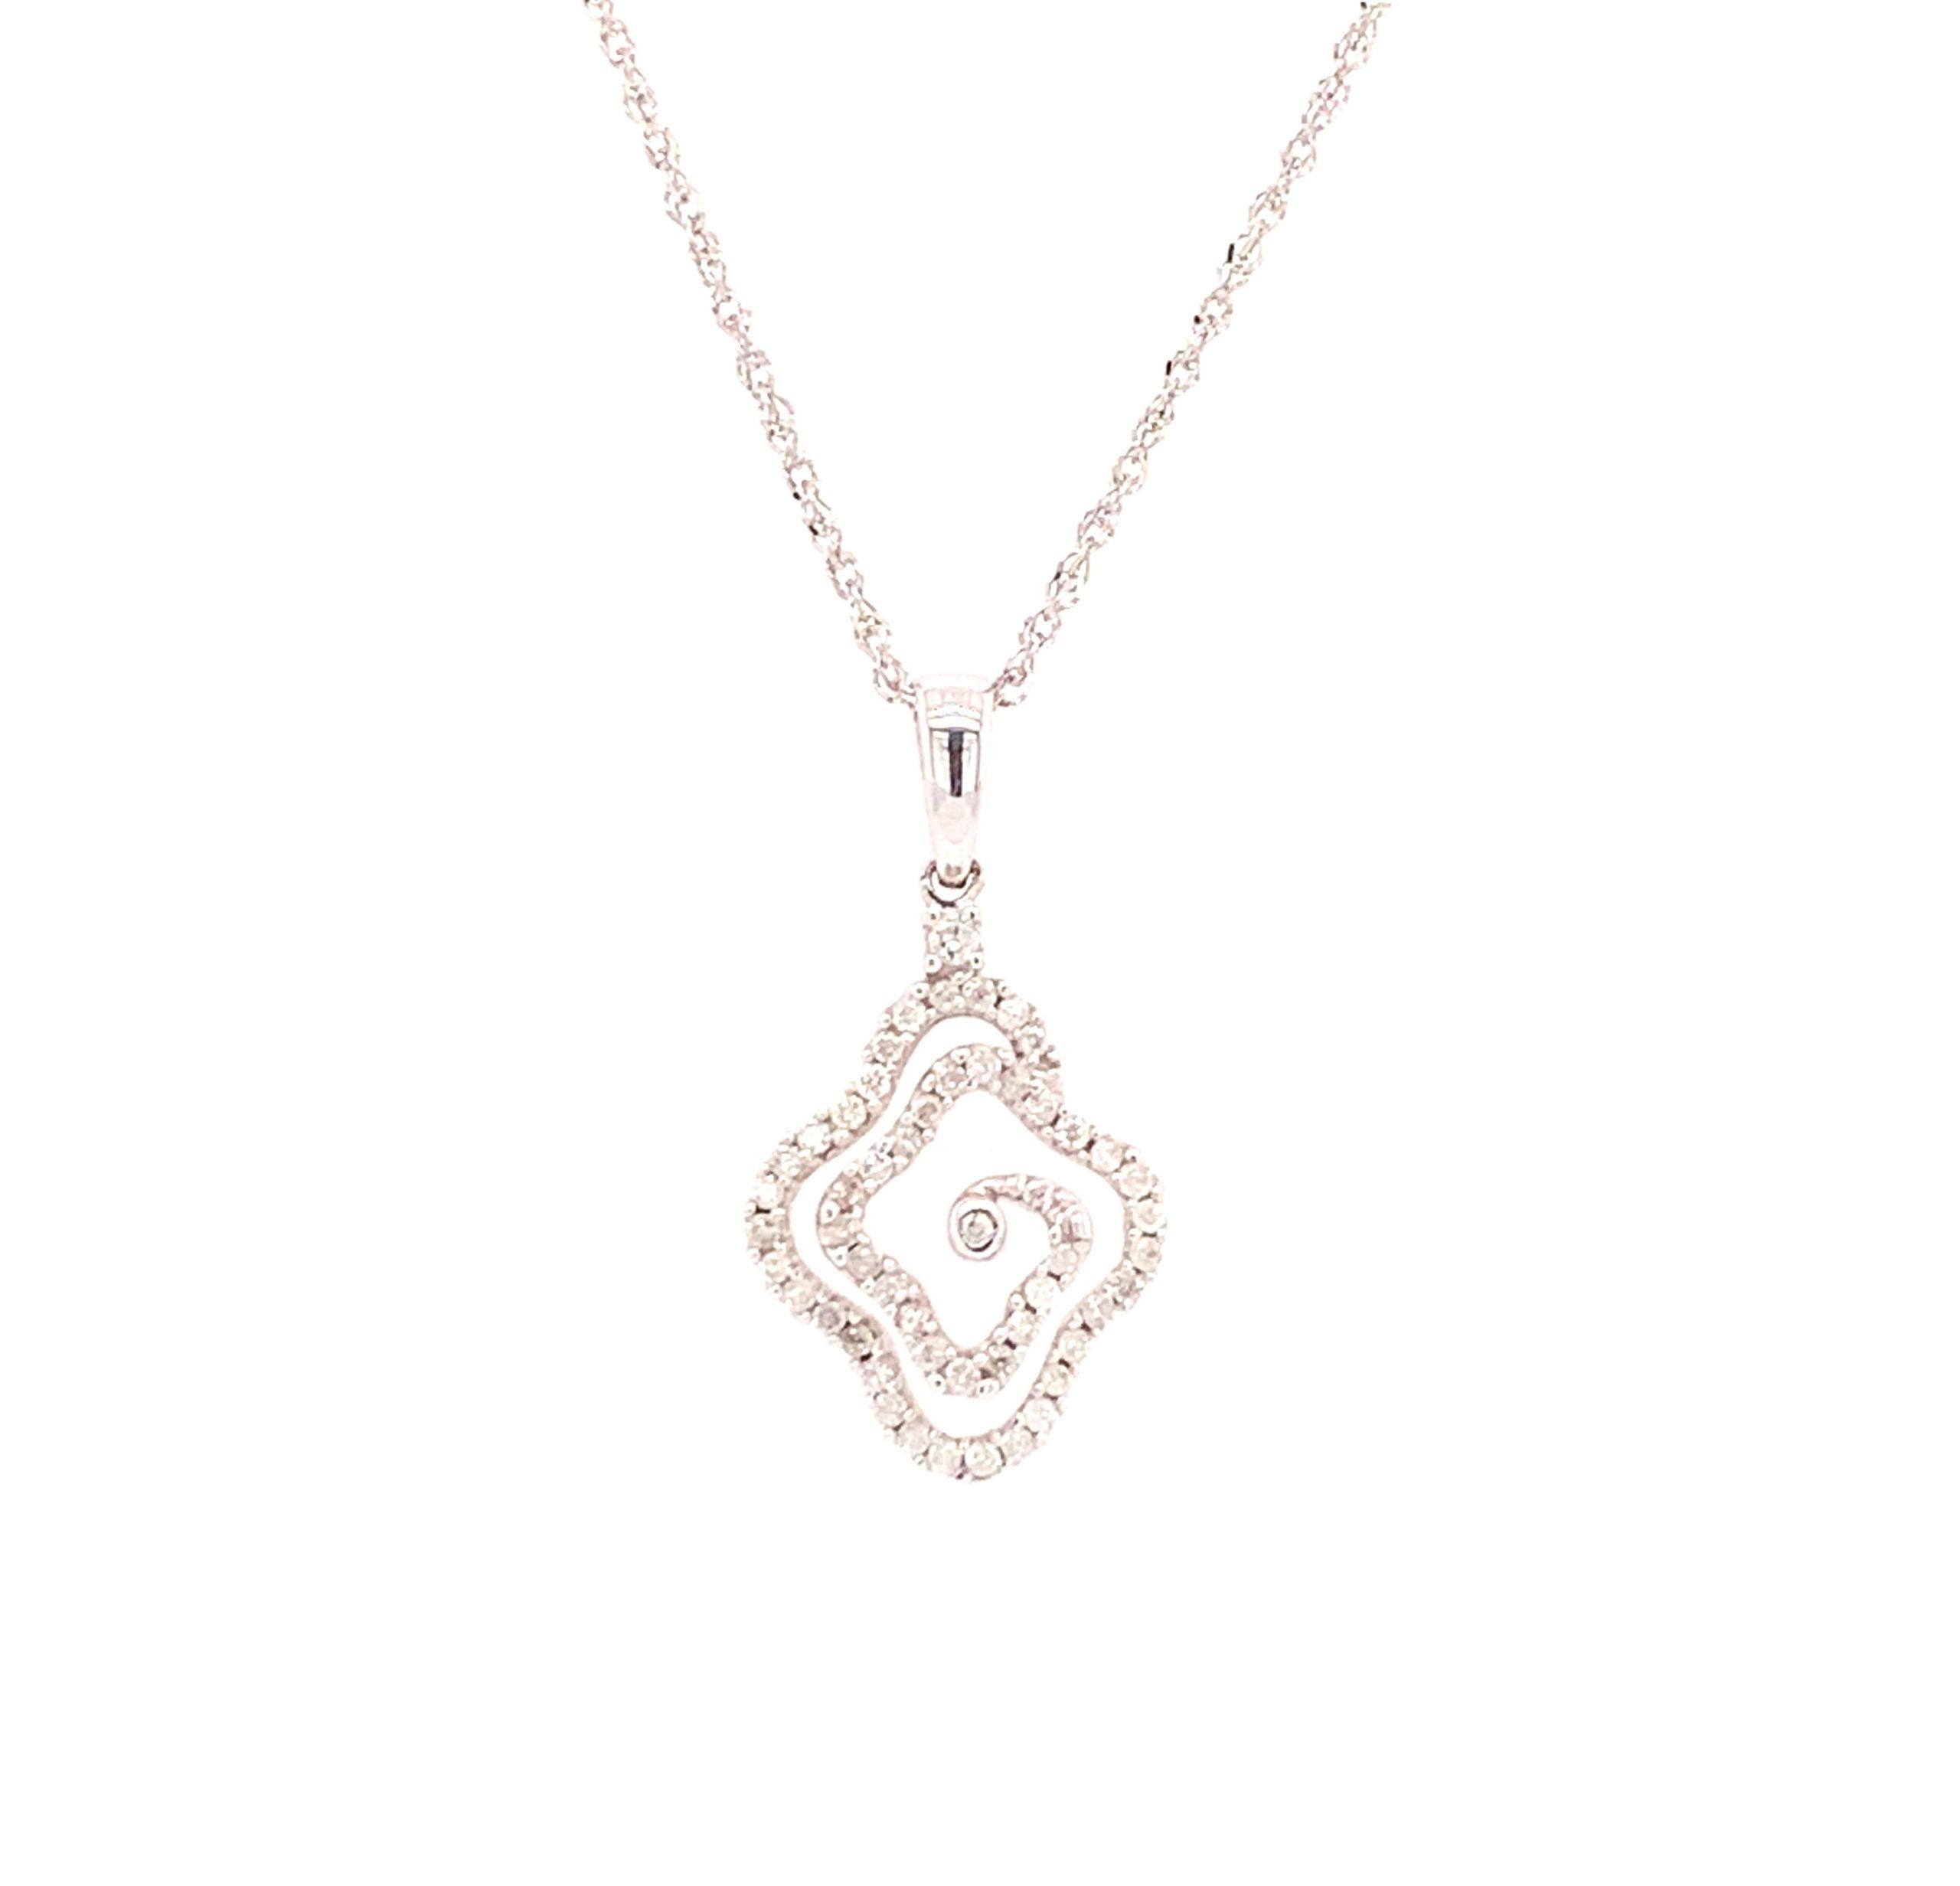 White Gold Diamond Free-Form Pendant